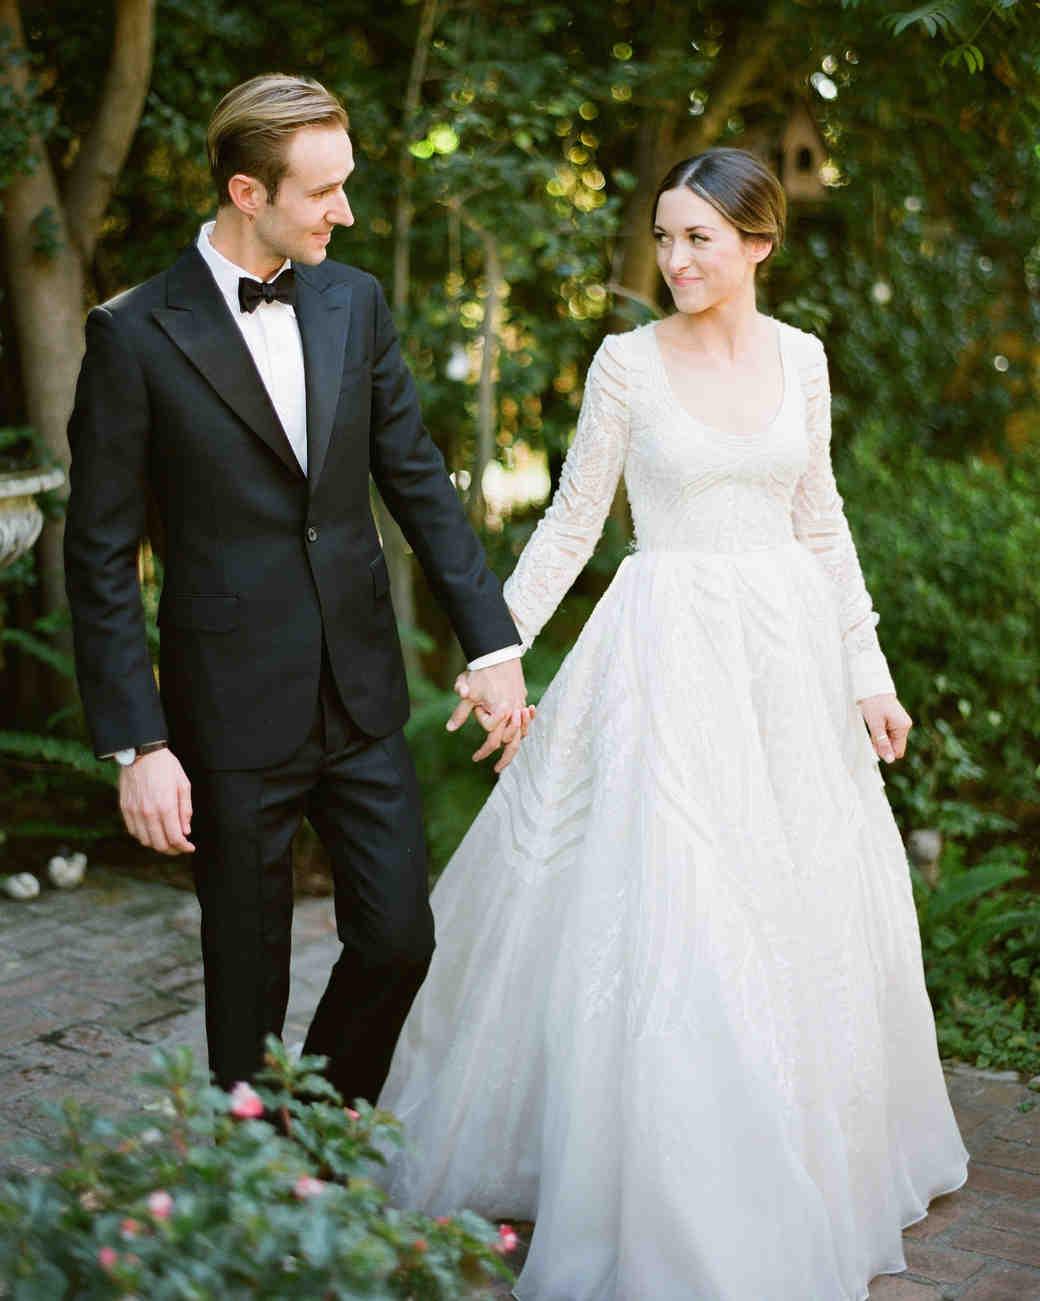 Martha coxe wedding